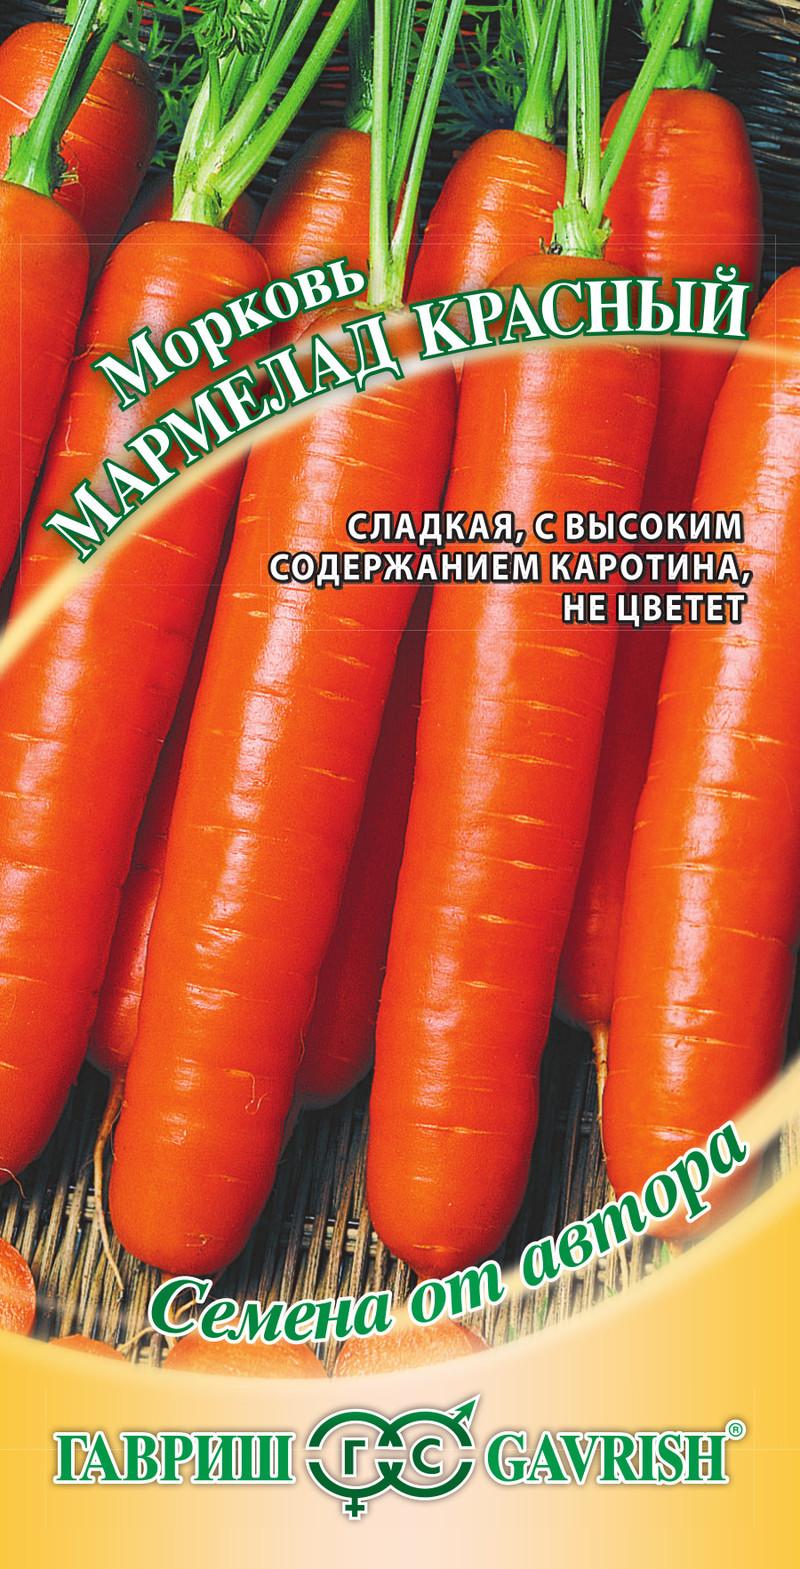 morkov-marmelad-krasnyy-f1